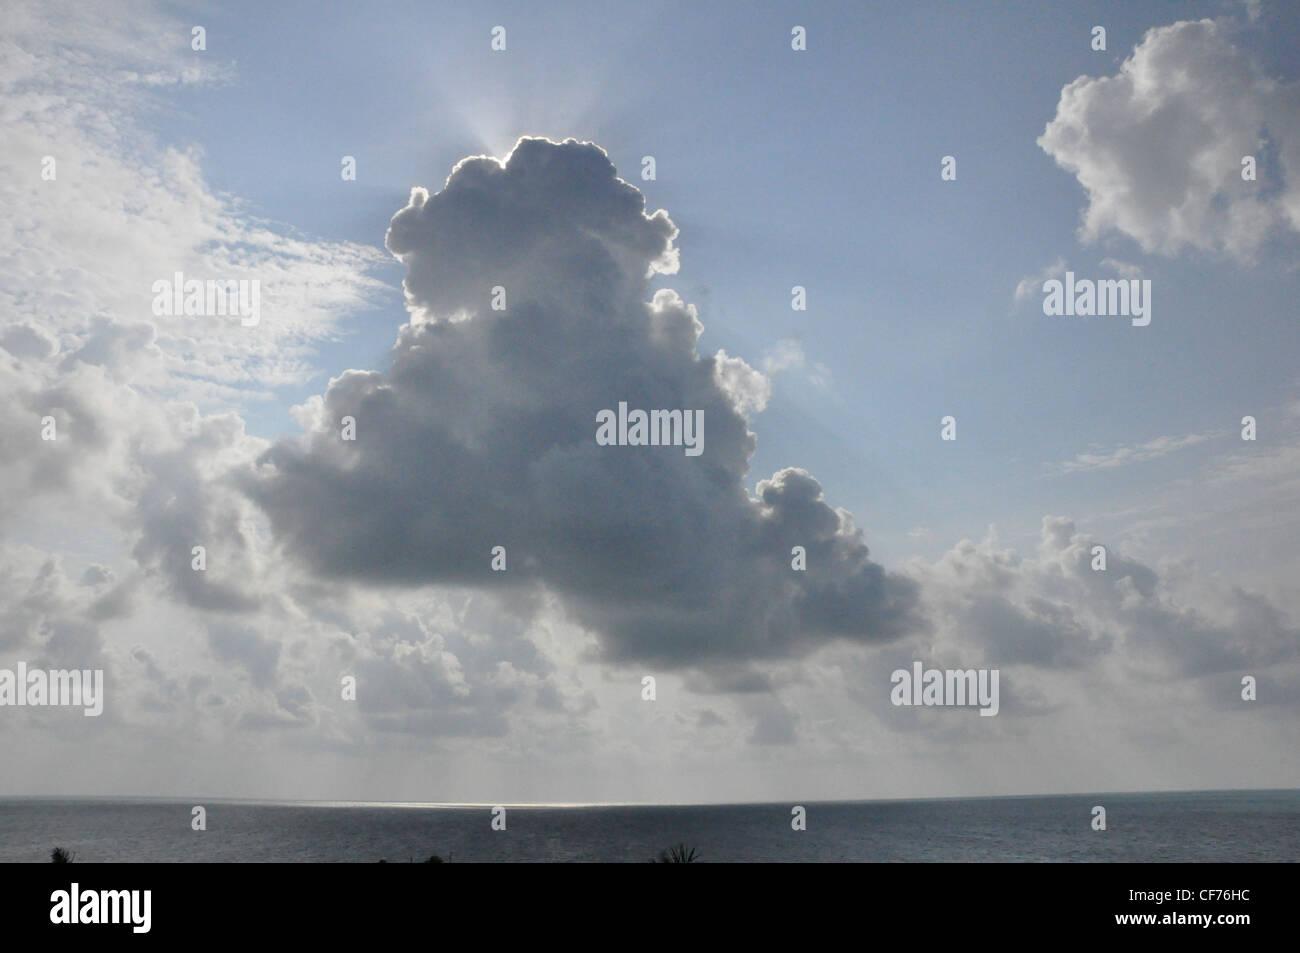 Soleil d'été soleil et nuages pastels optimistes Photo Stock